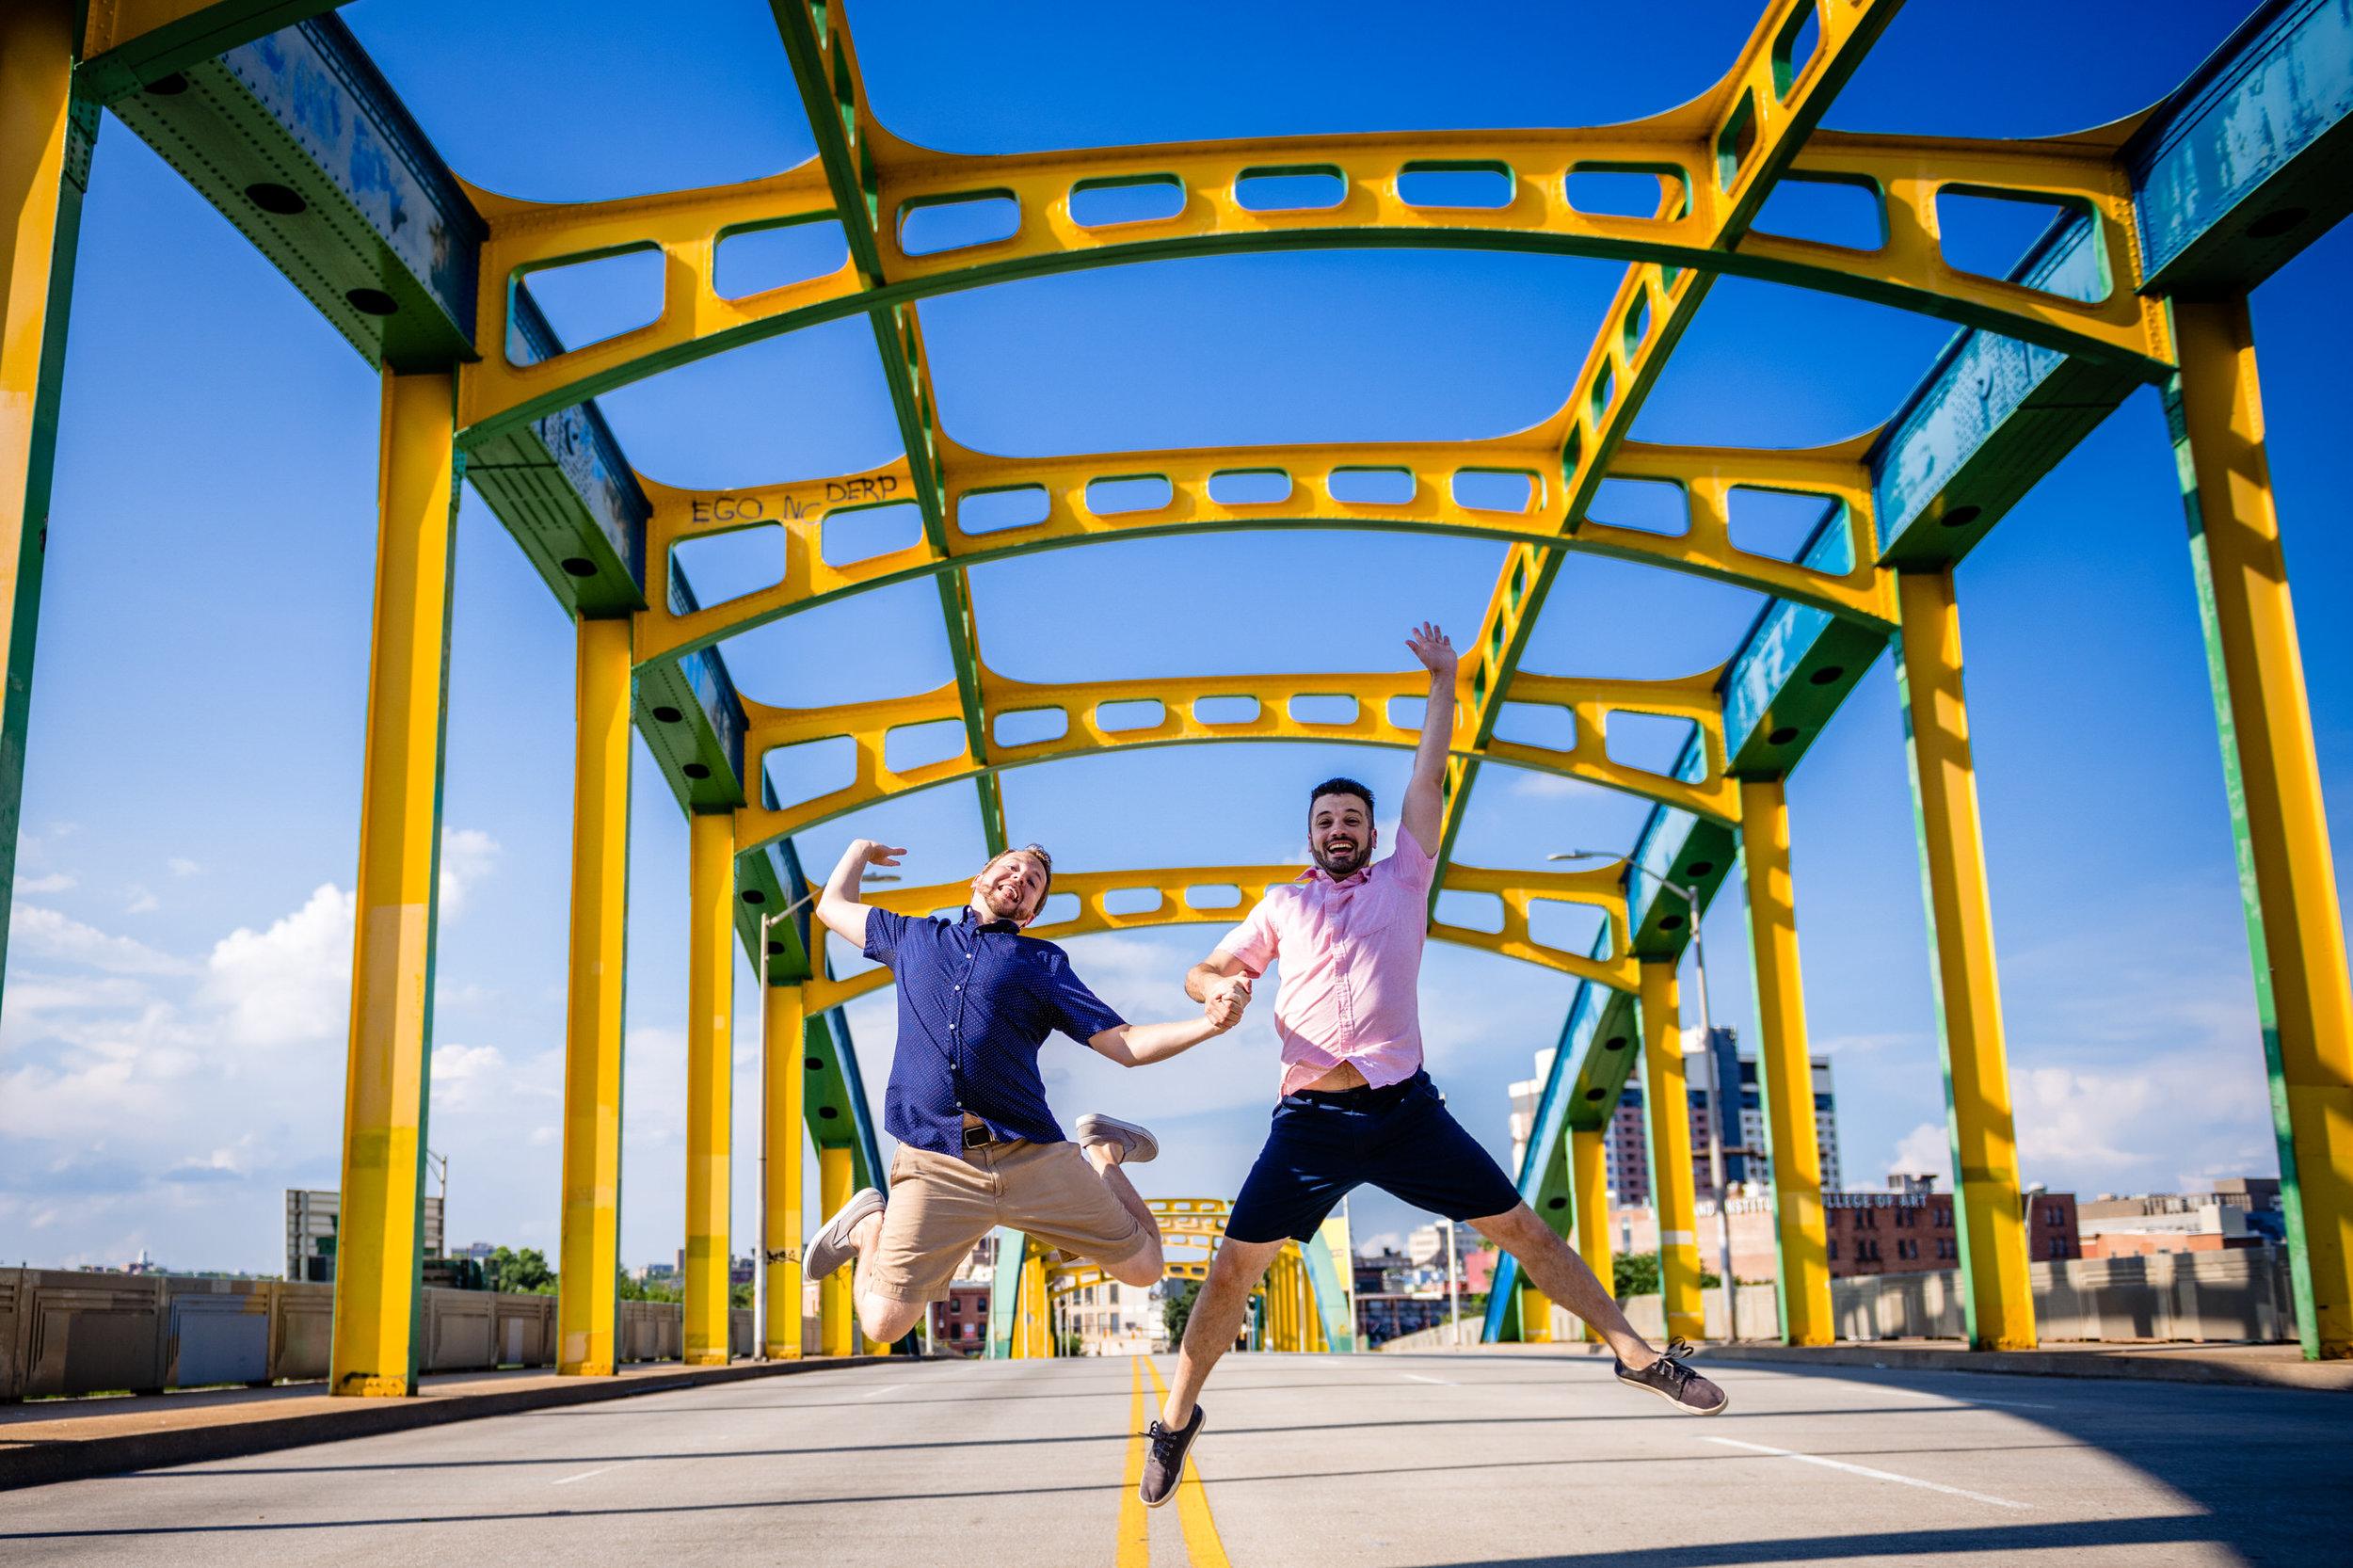 BaltimoreEngagementSession-Brian&Josh-21.jpg